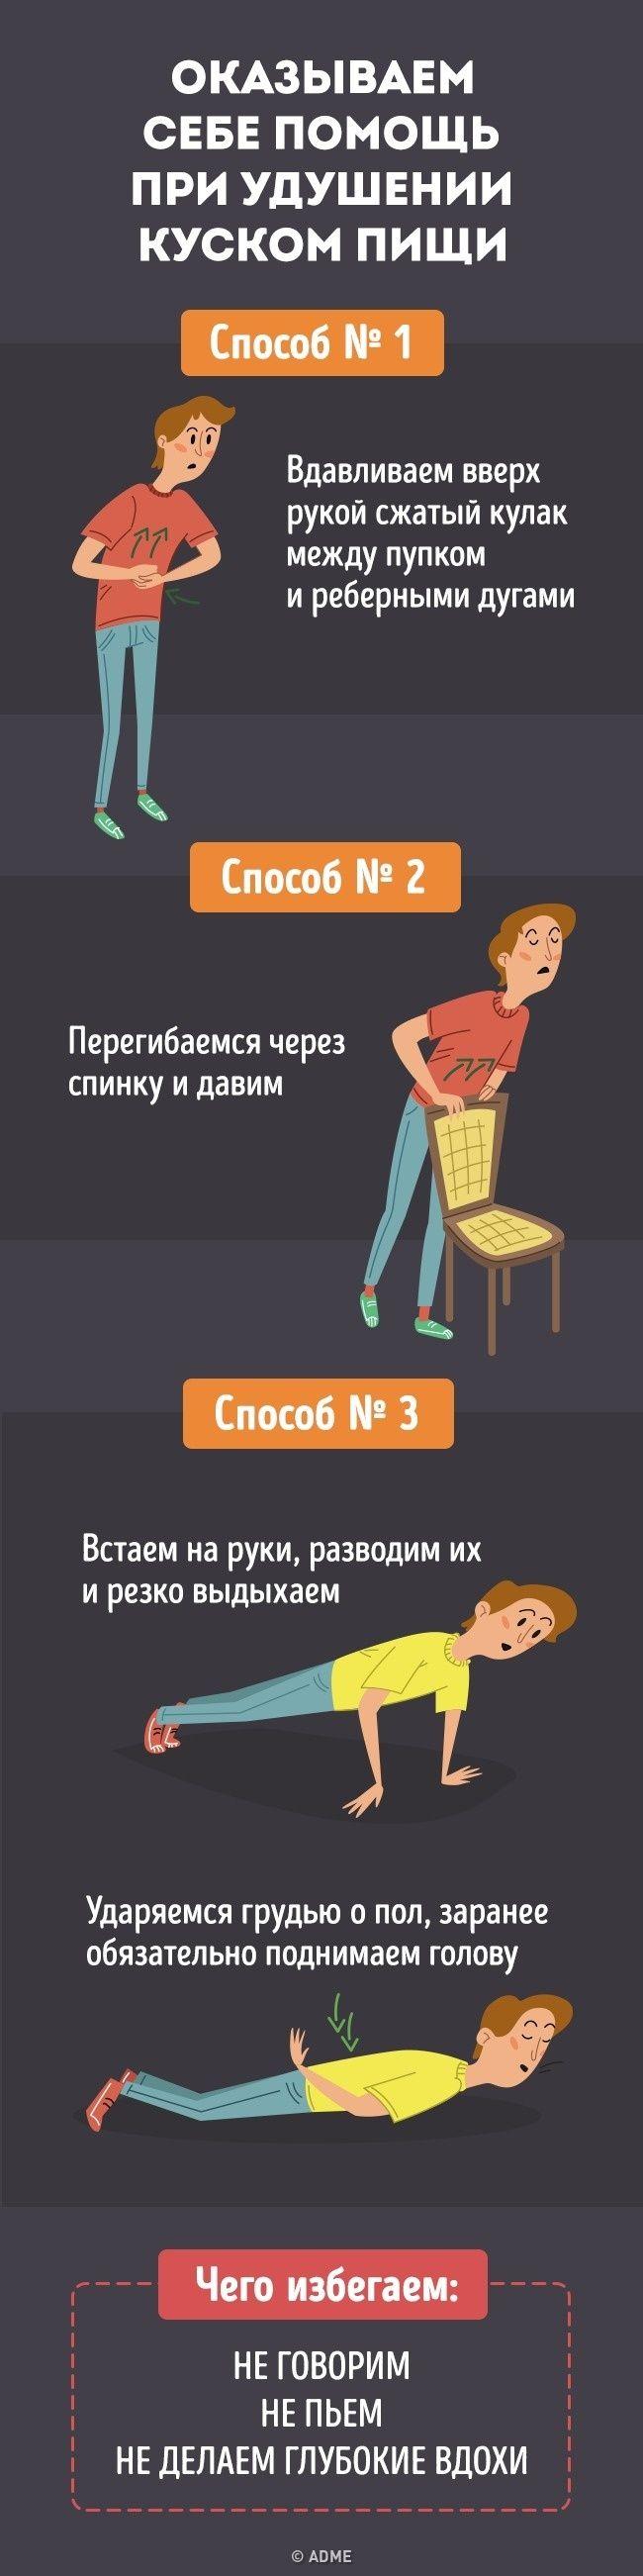 правила поведінки в екстремальних ситуаціях